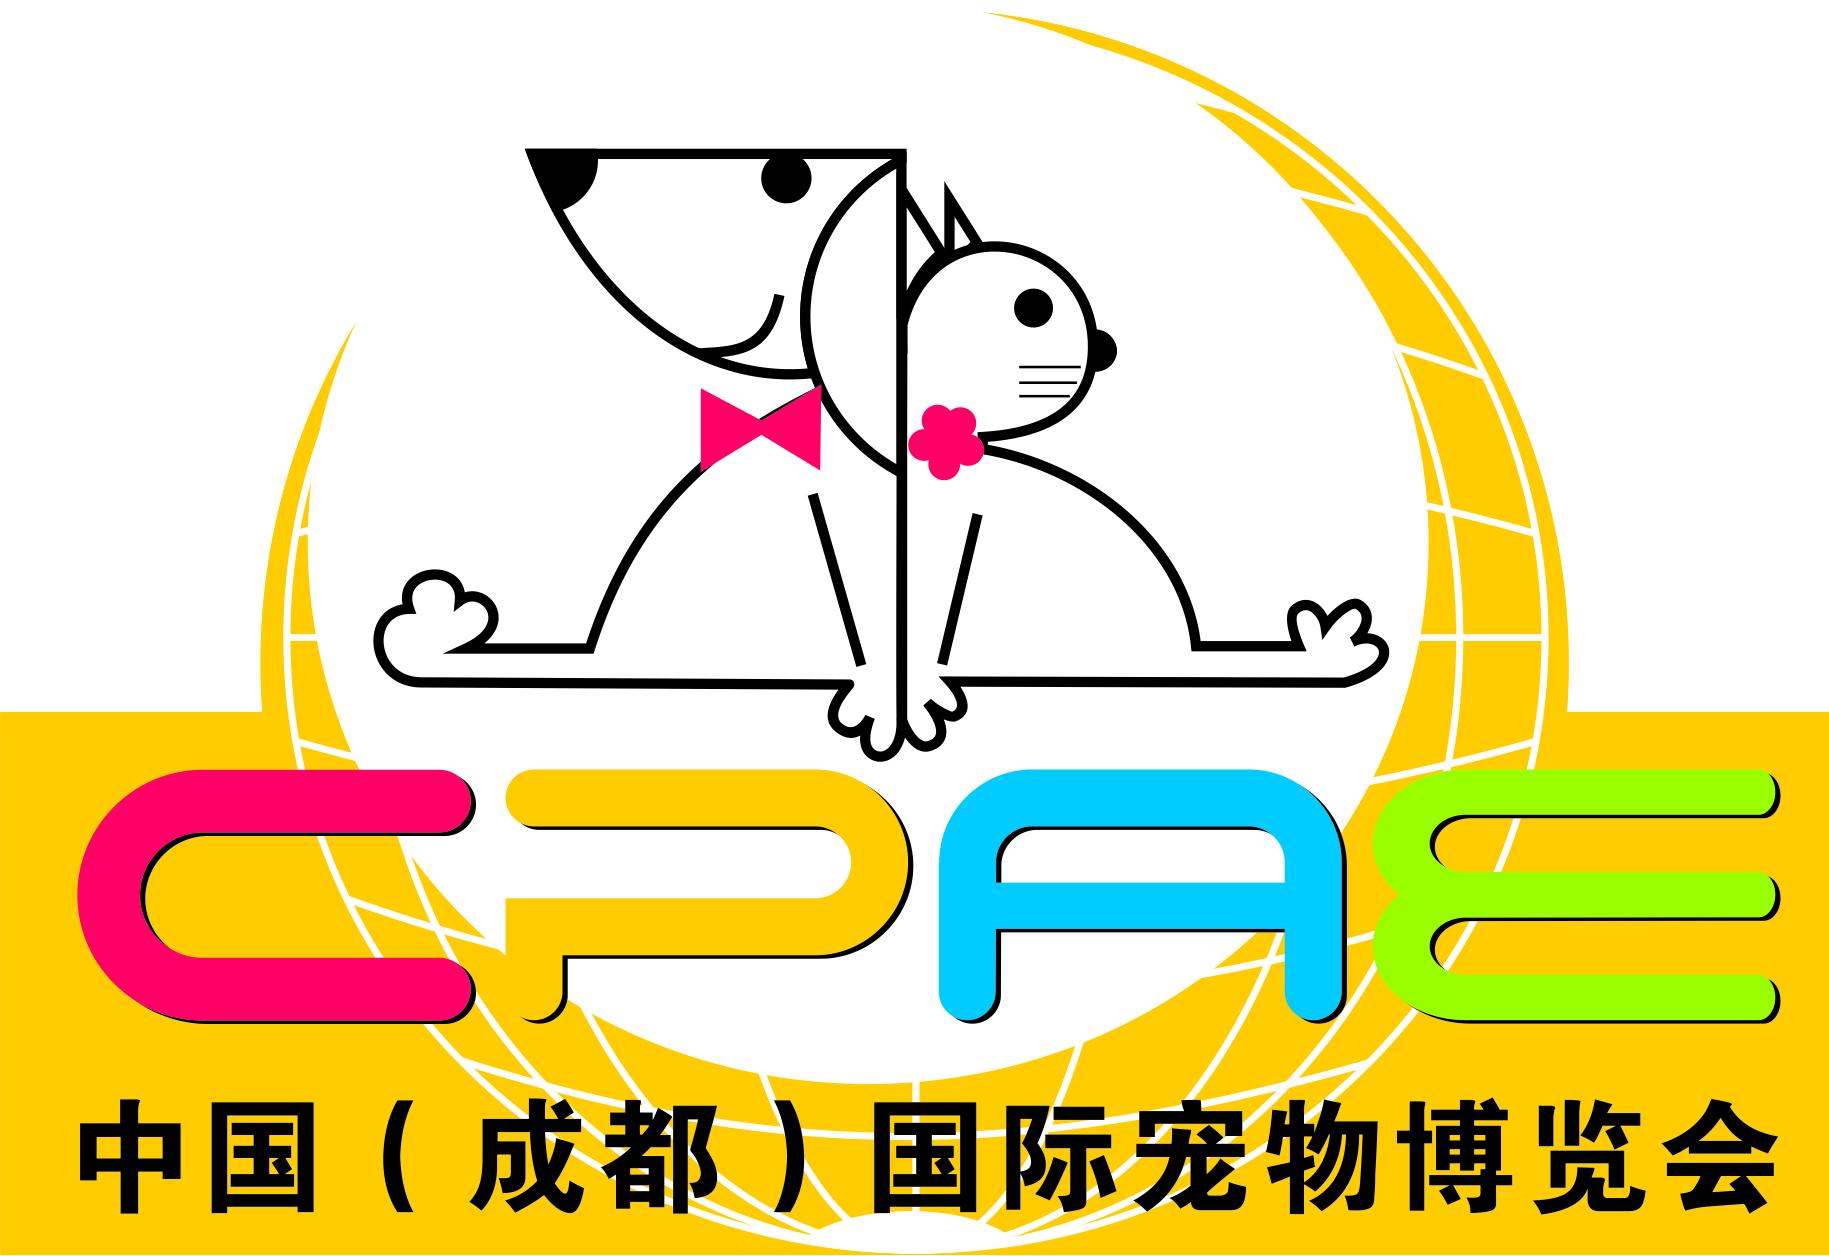 展会标题图片:2020中国成都国际宠物博览会